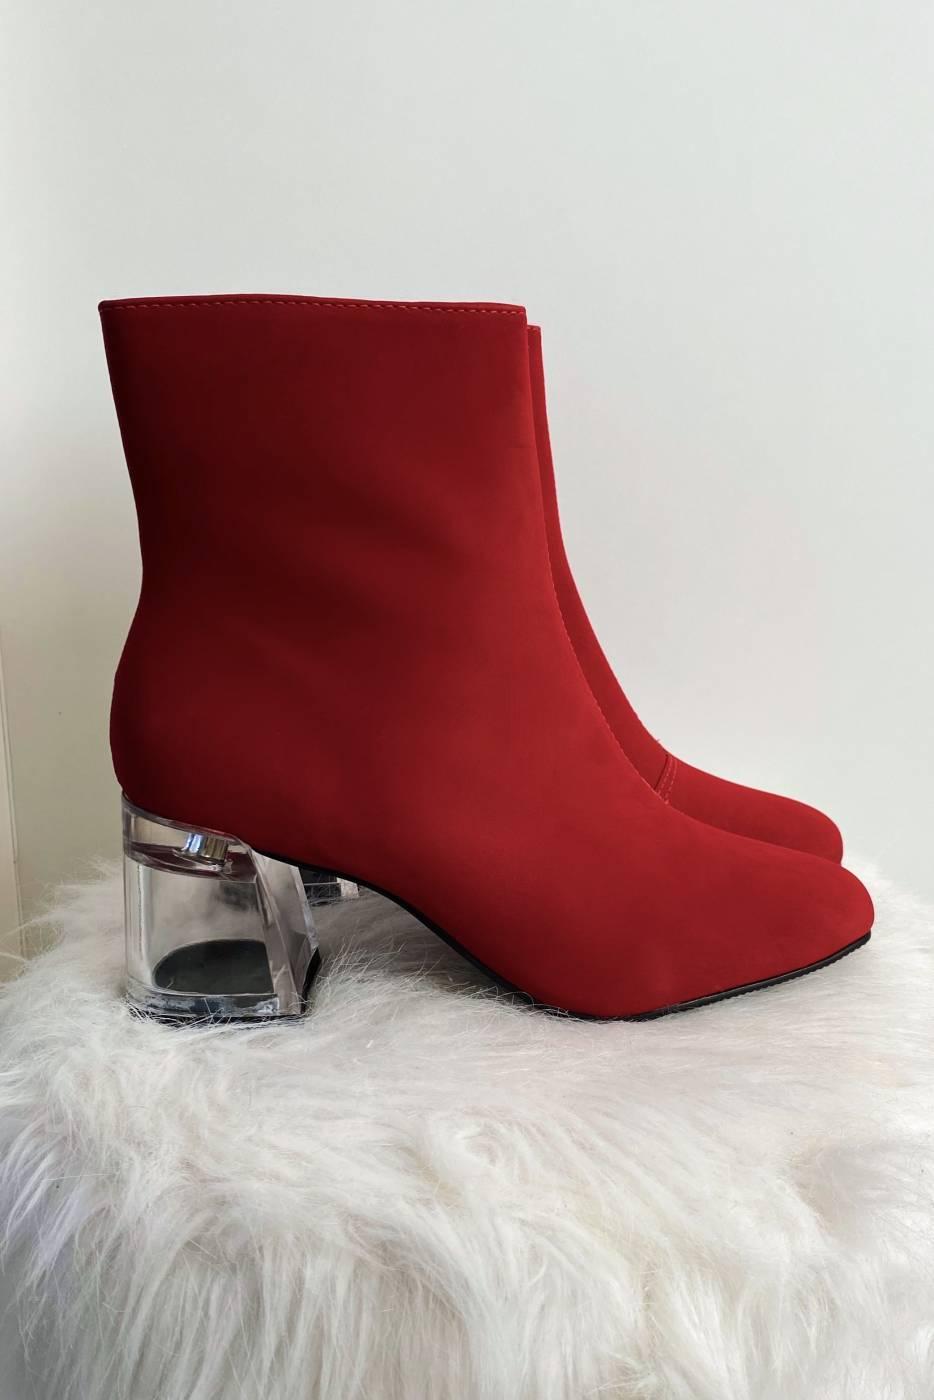 Bota Bell Red